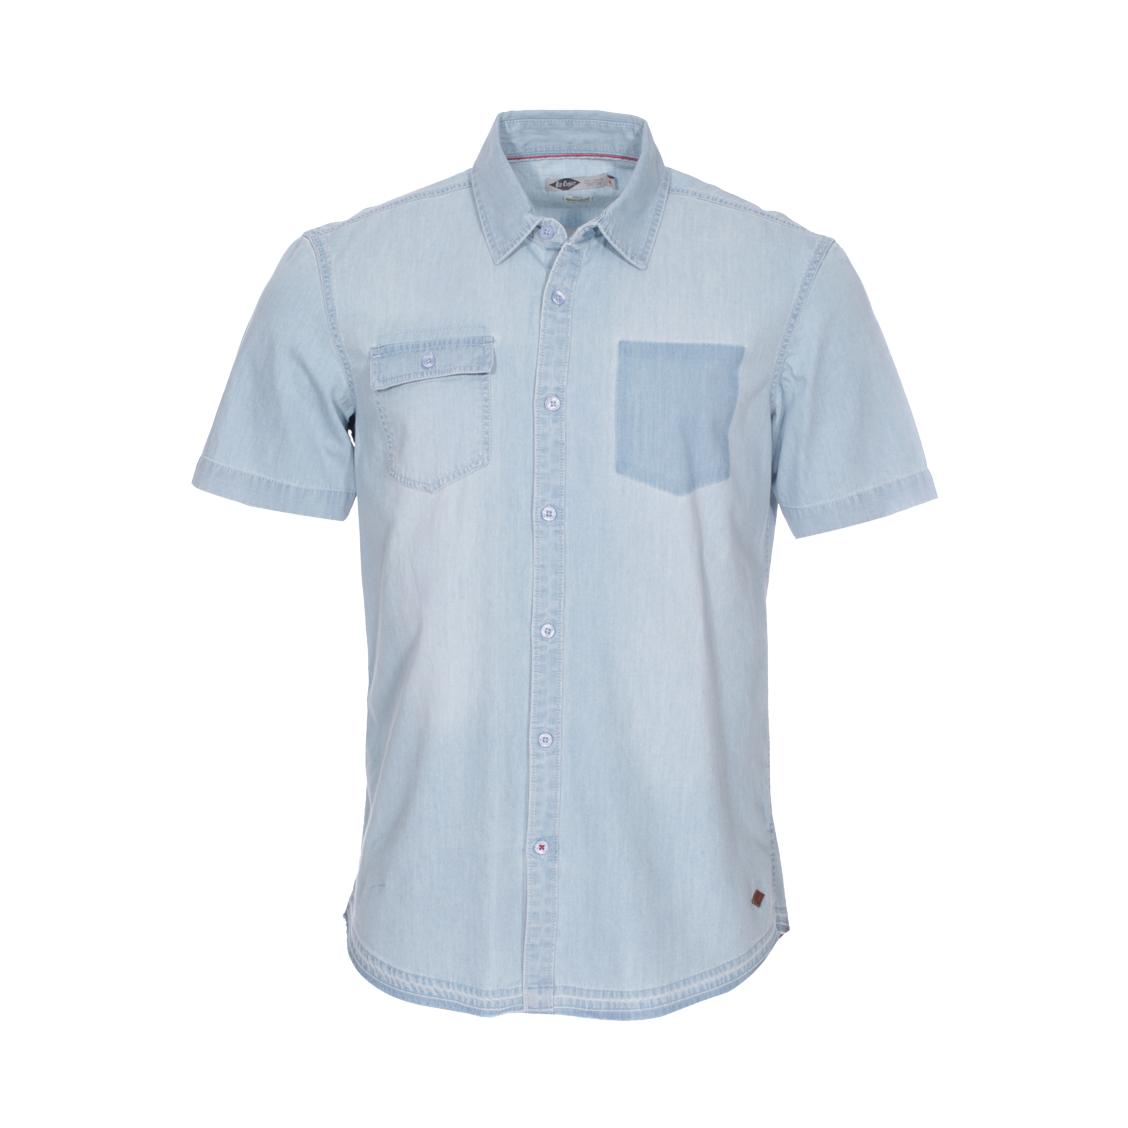 Chemise droite manches courtes Lee Cooper Doug en coton bleu denim